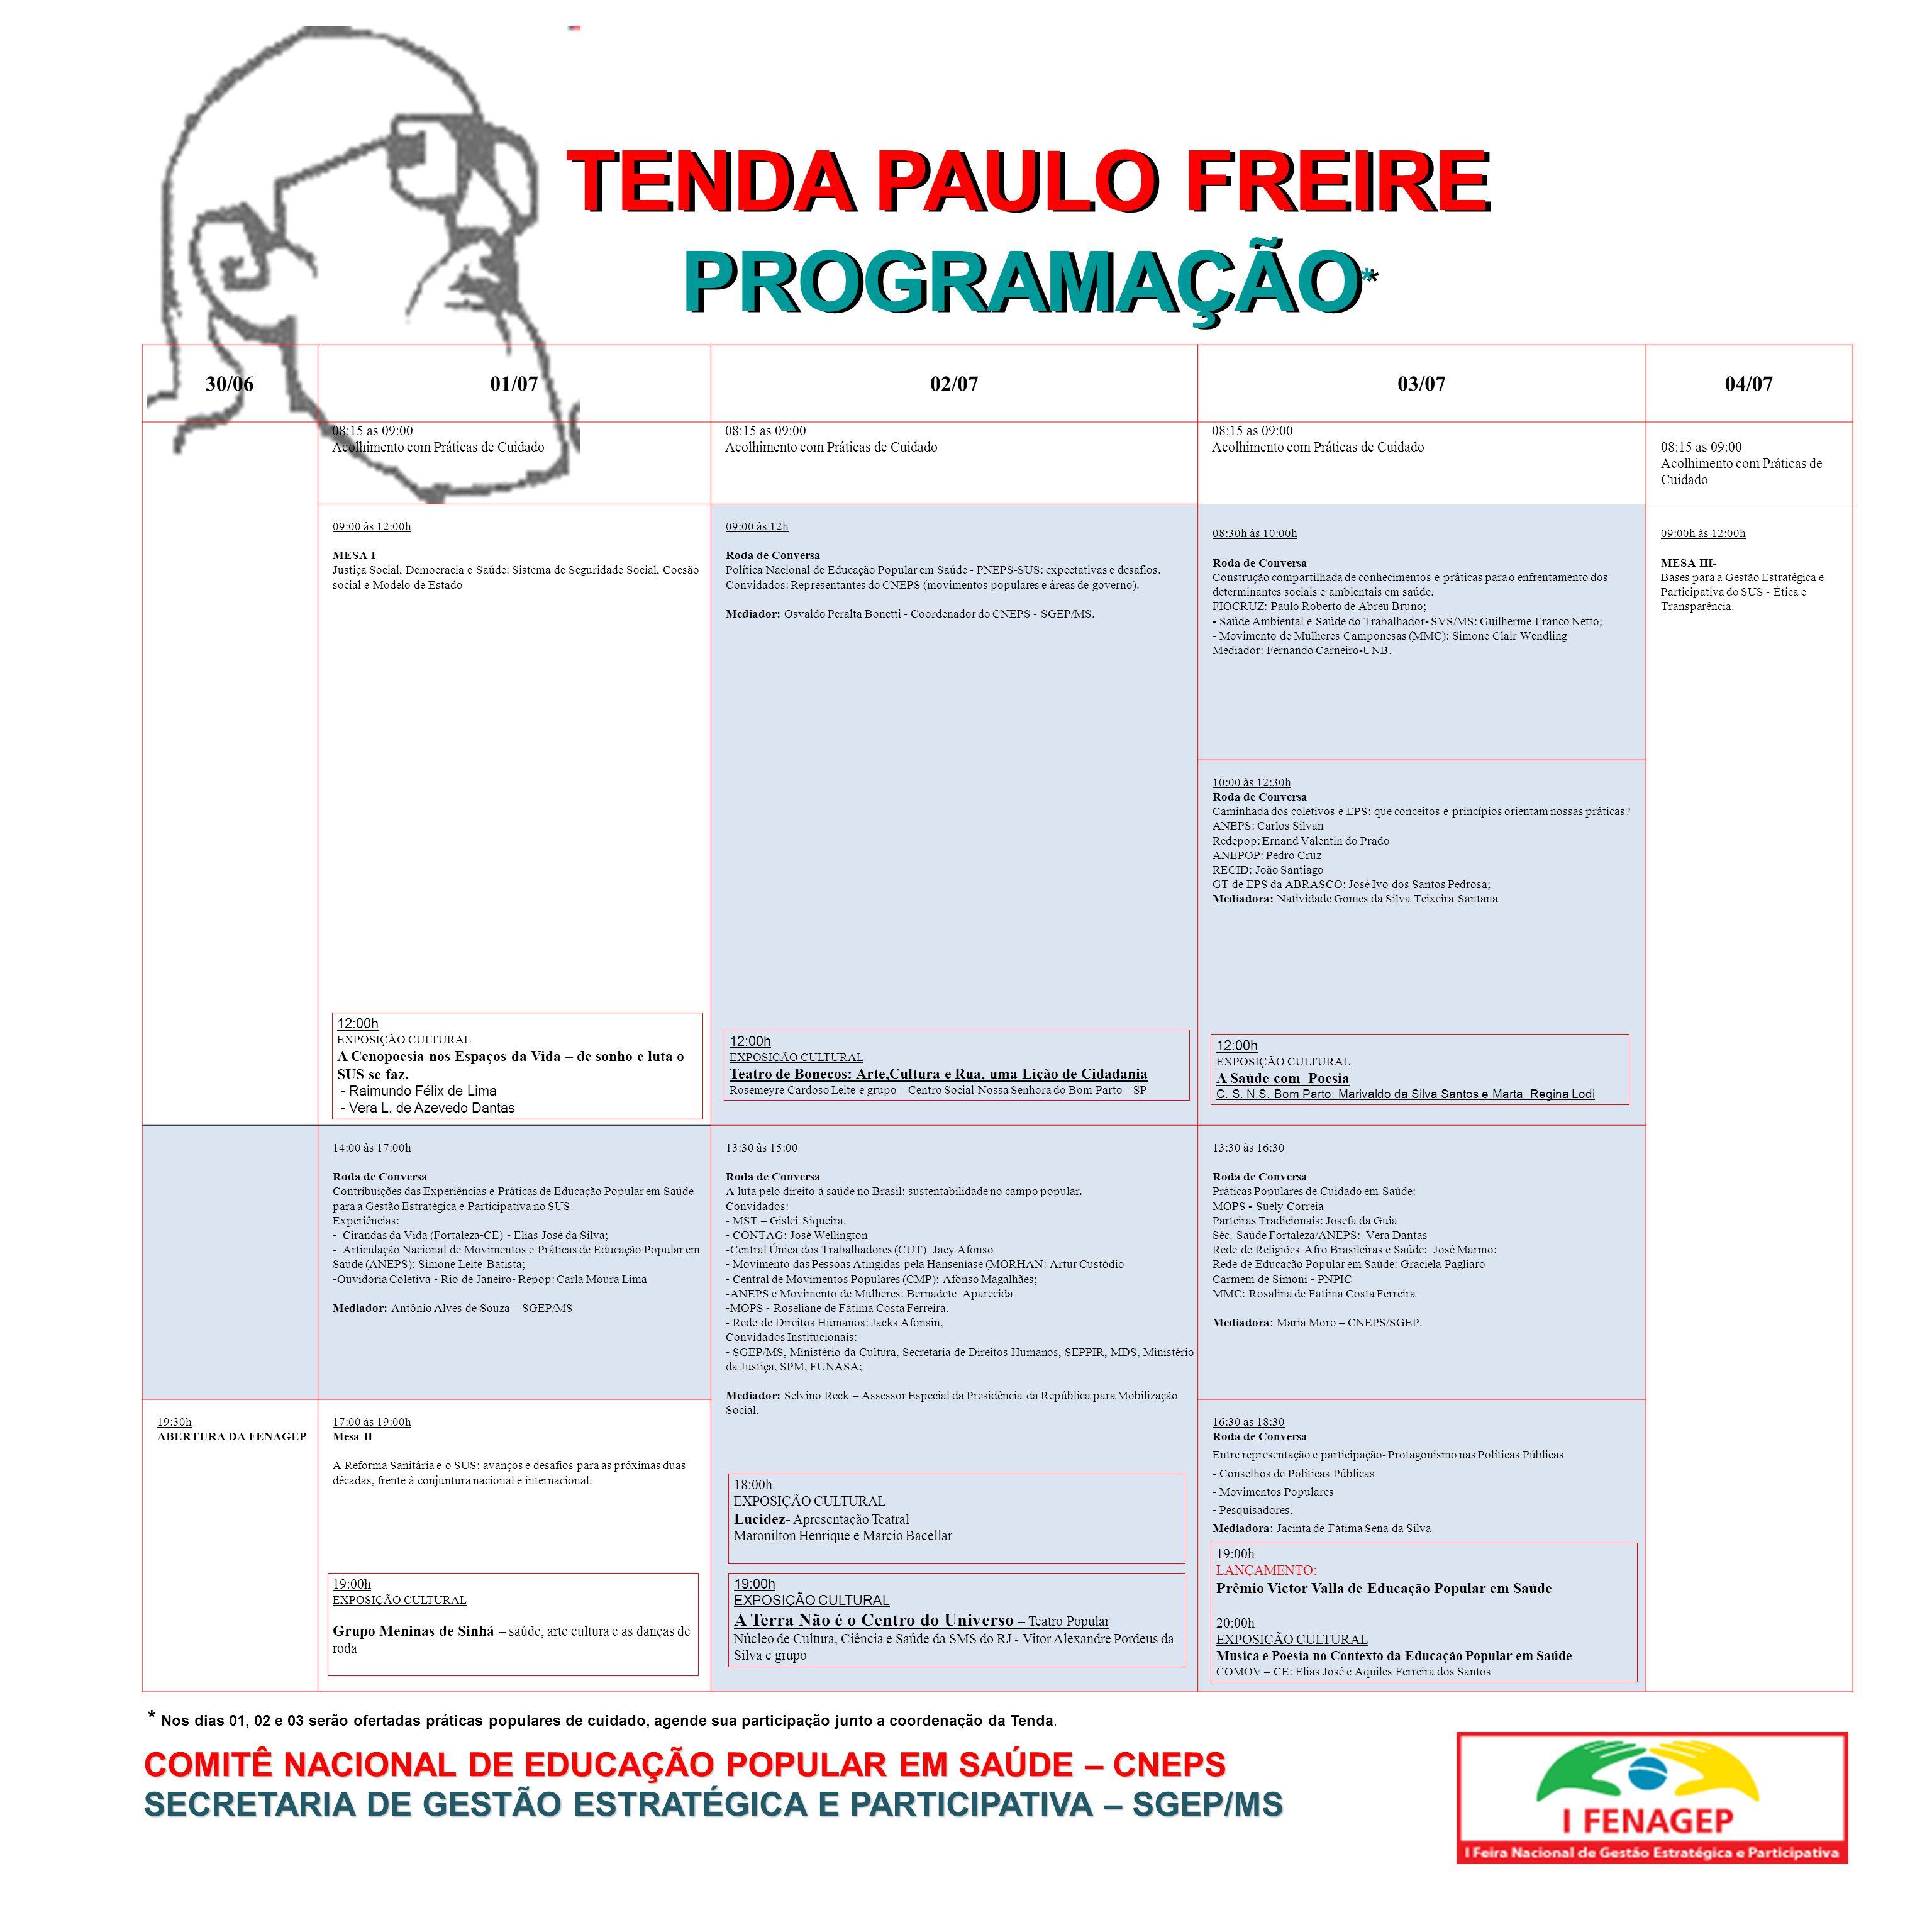 TENDA PAULO FREIRE PROGRAMAÇÃO * COMITÊ NACIONAL DE EDUCAÇÃO POPULAR EM SAÚDE – CNEPS SECRETARIA DE GESTÃO ESTRATÉGICA E PARTICIPATIVA – SGEP/MS 30/06